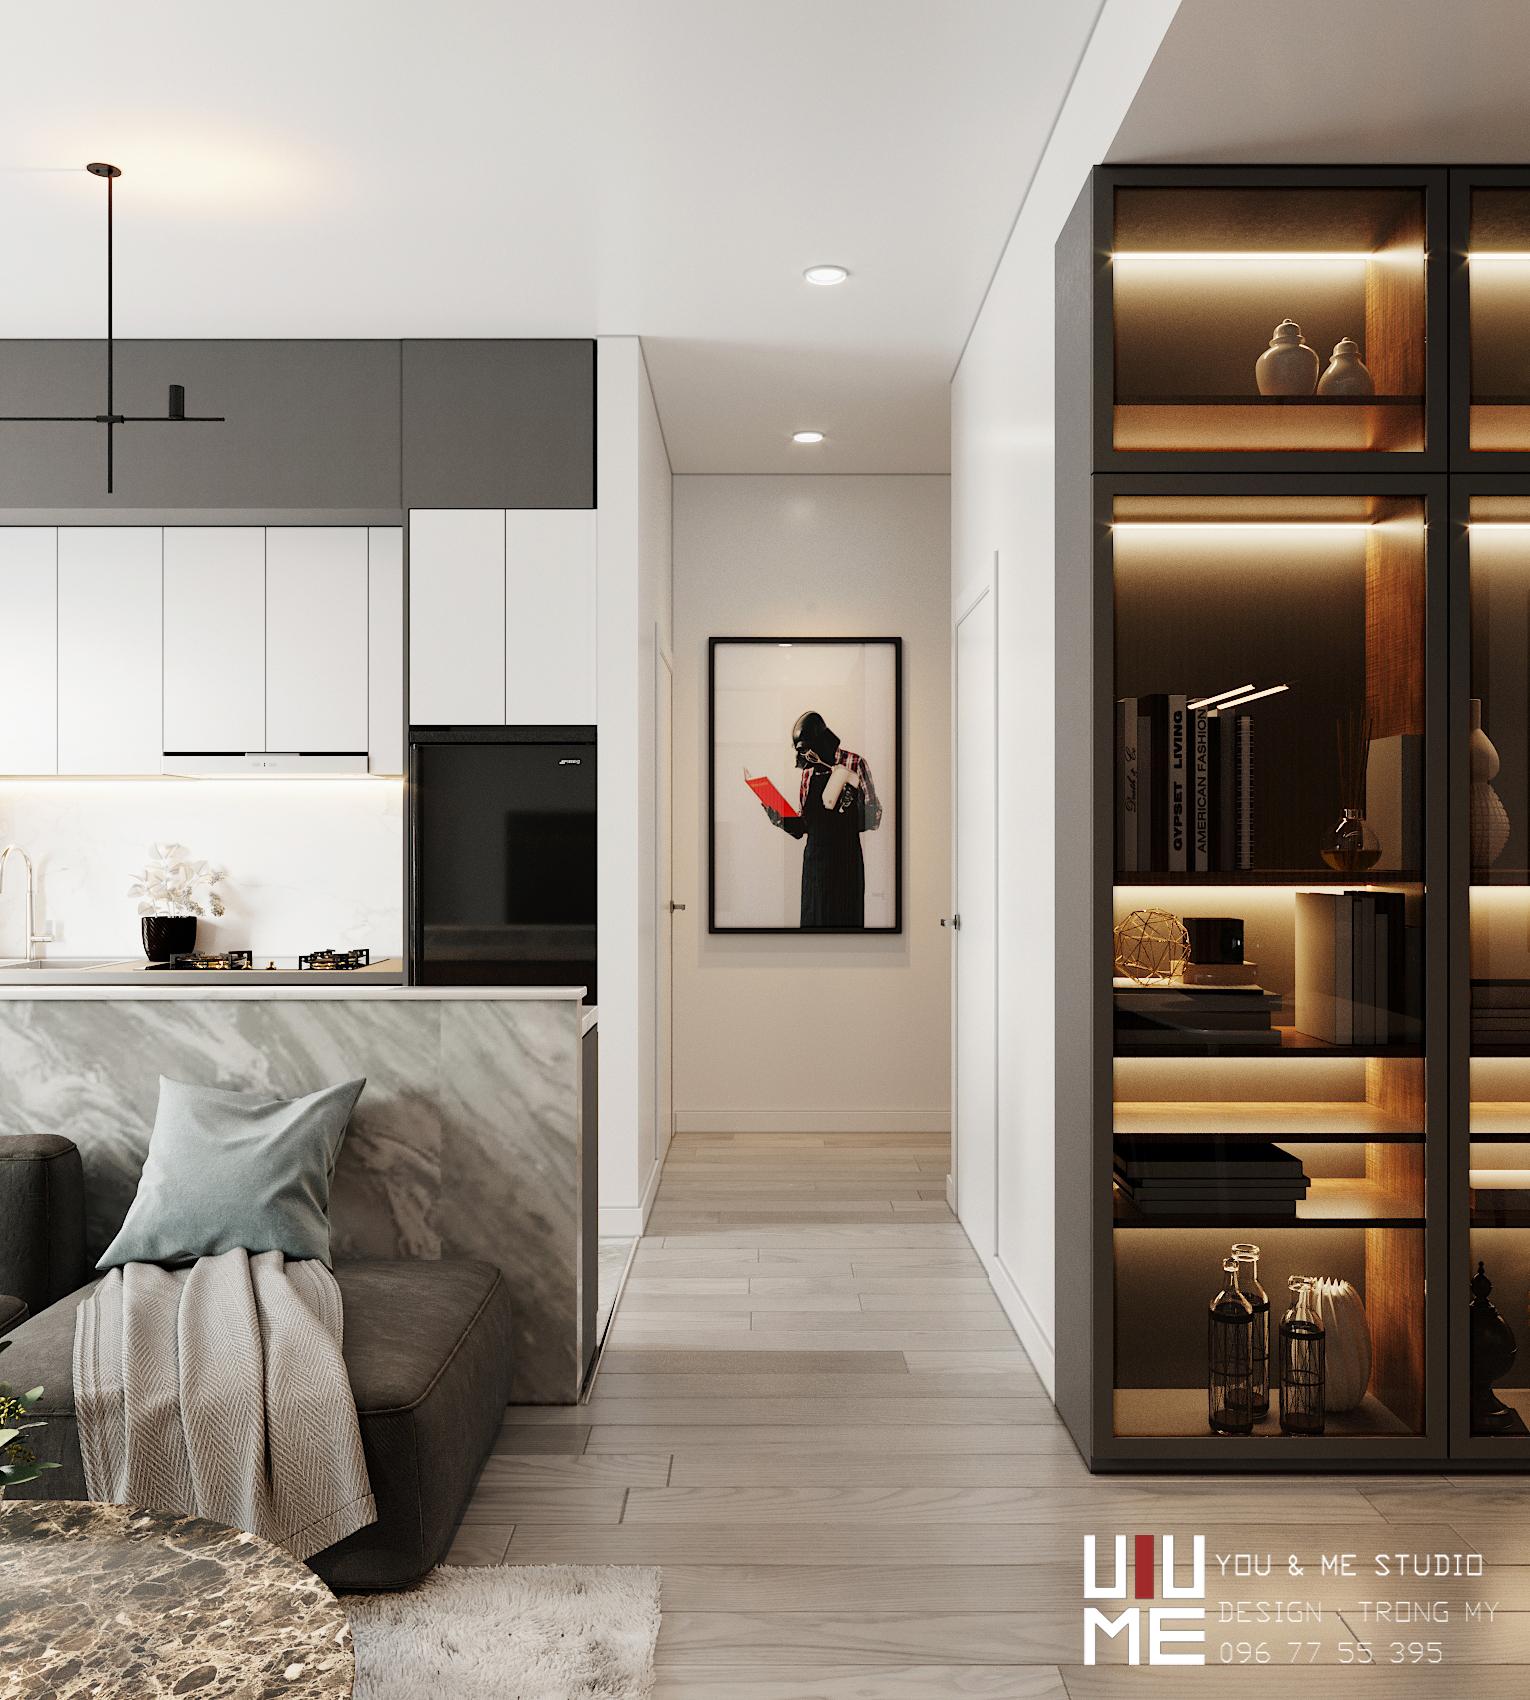 thiết kế nội thất chung cư tại Hà Nội 90 Nguyễn Tuân 7 1566362696